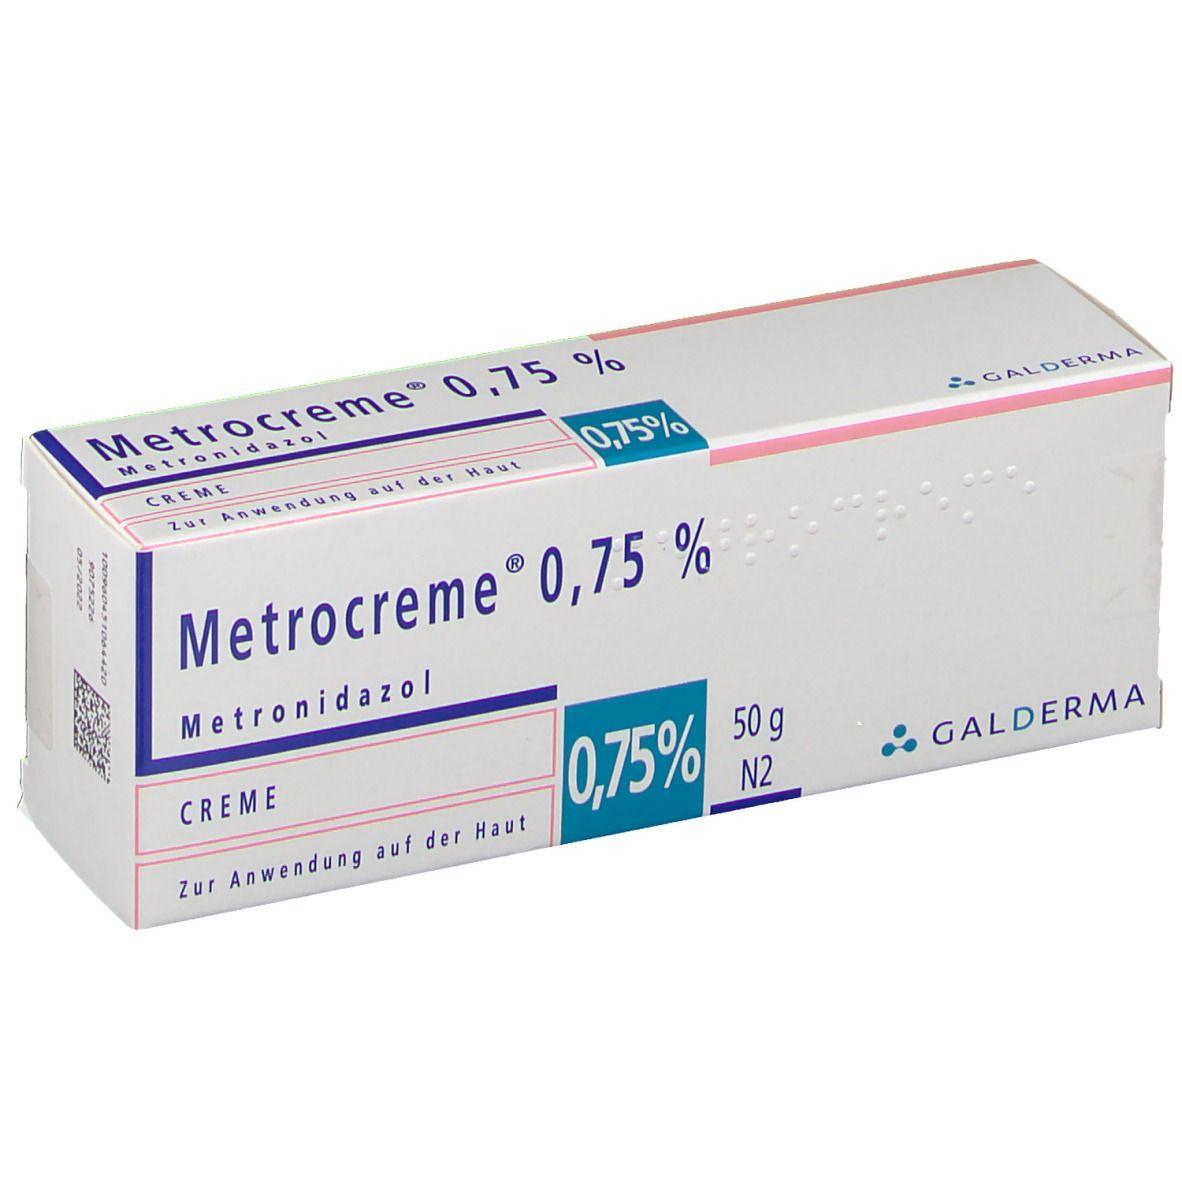 Metrocreme®